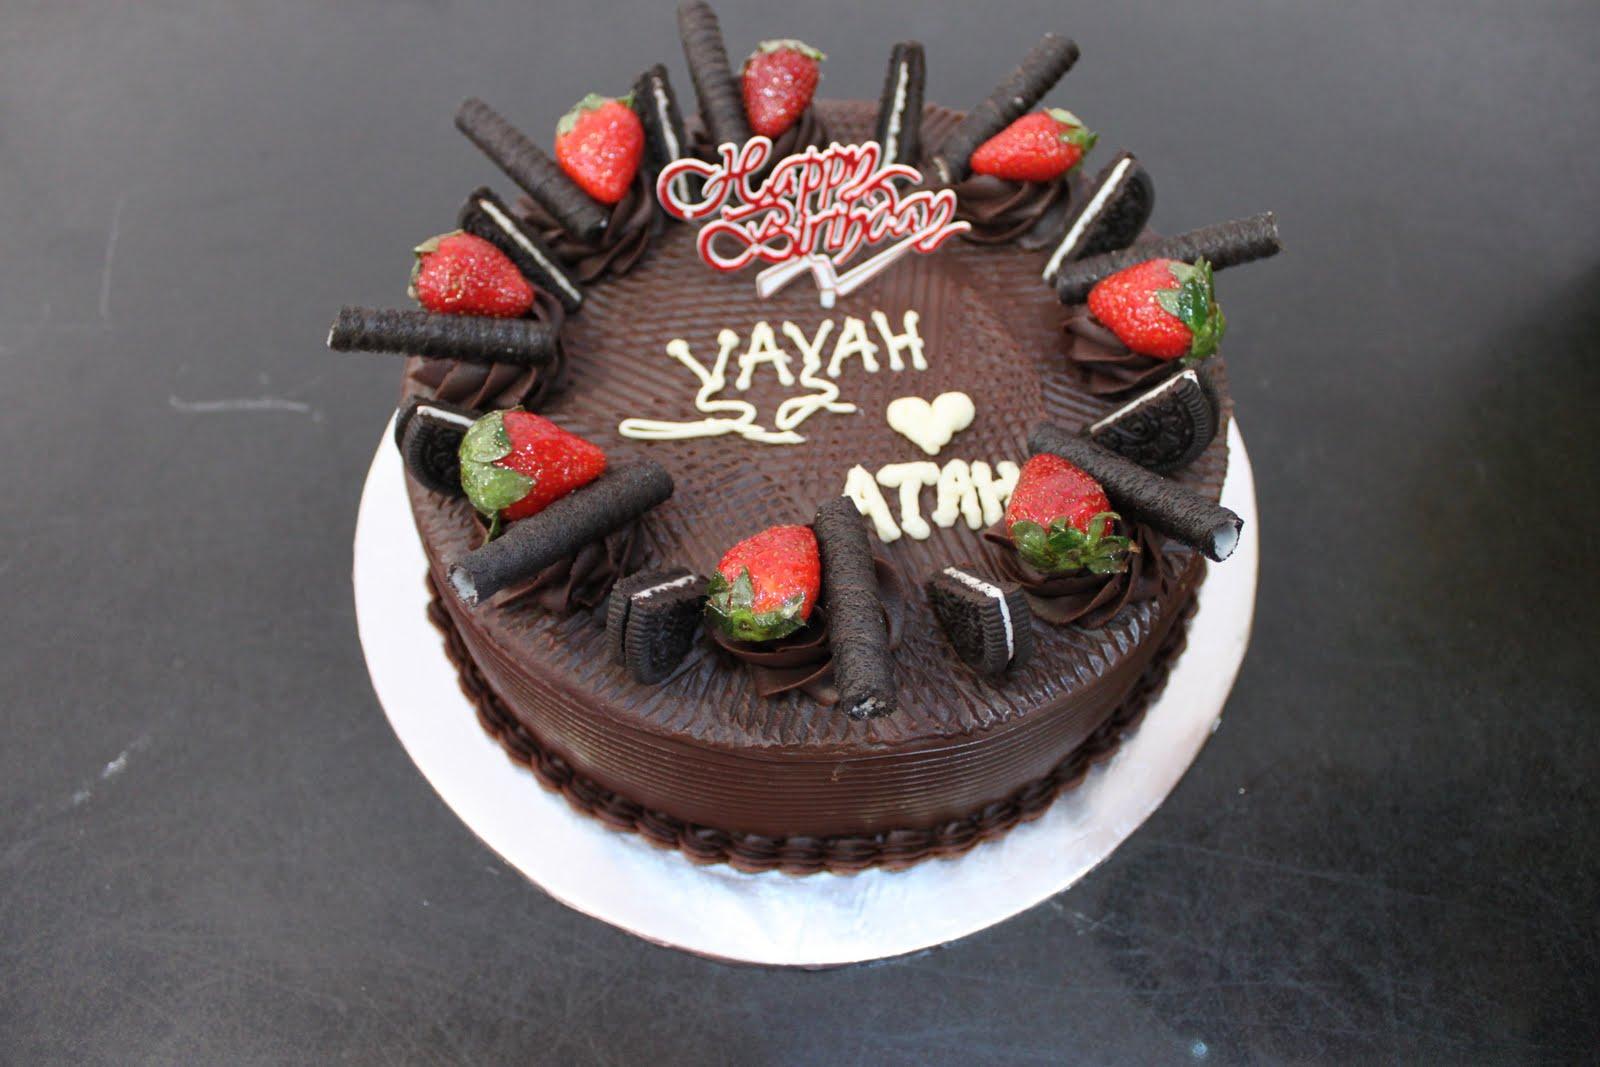 Rahas Oven Birthday Cake Moist Chocolate Cake